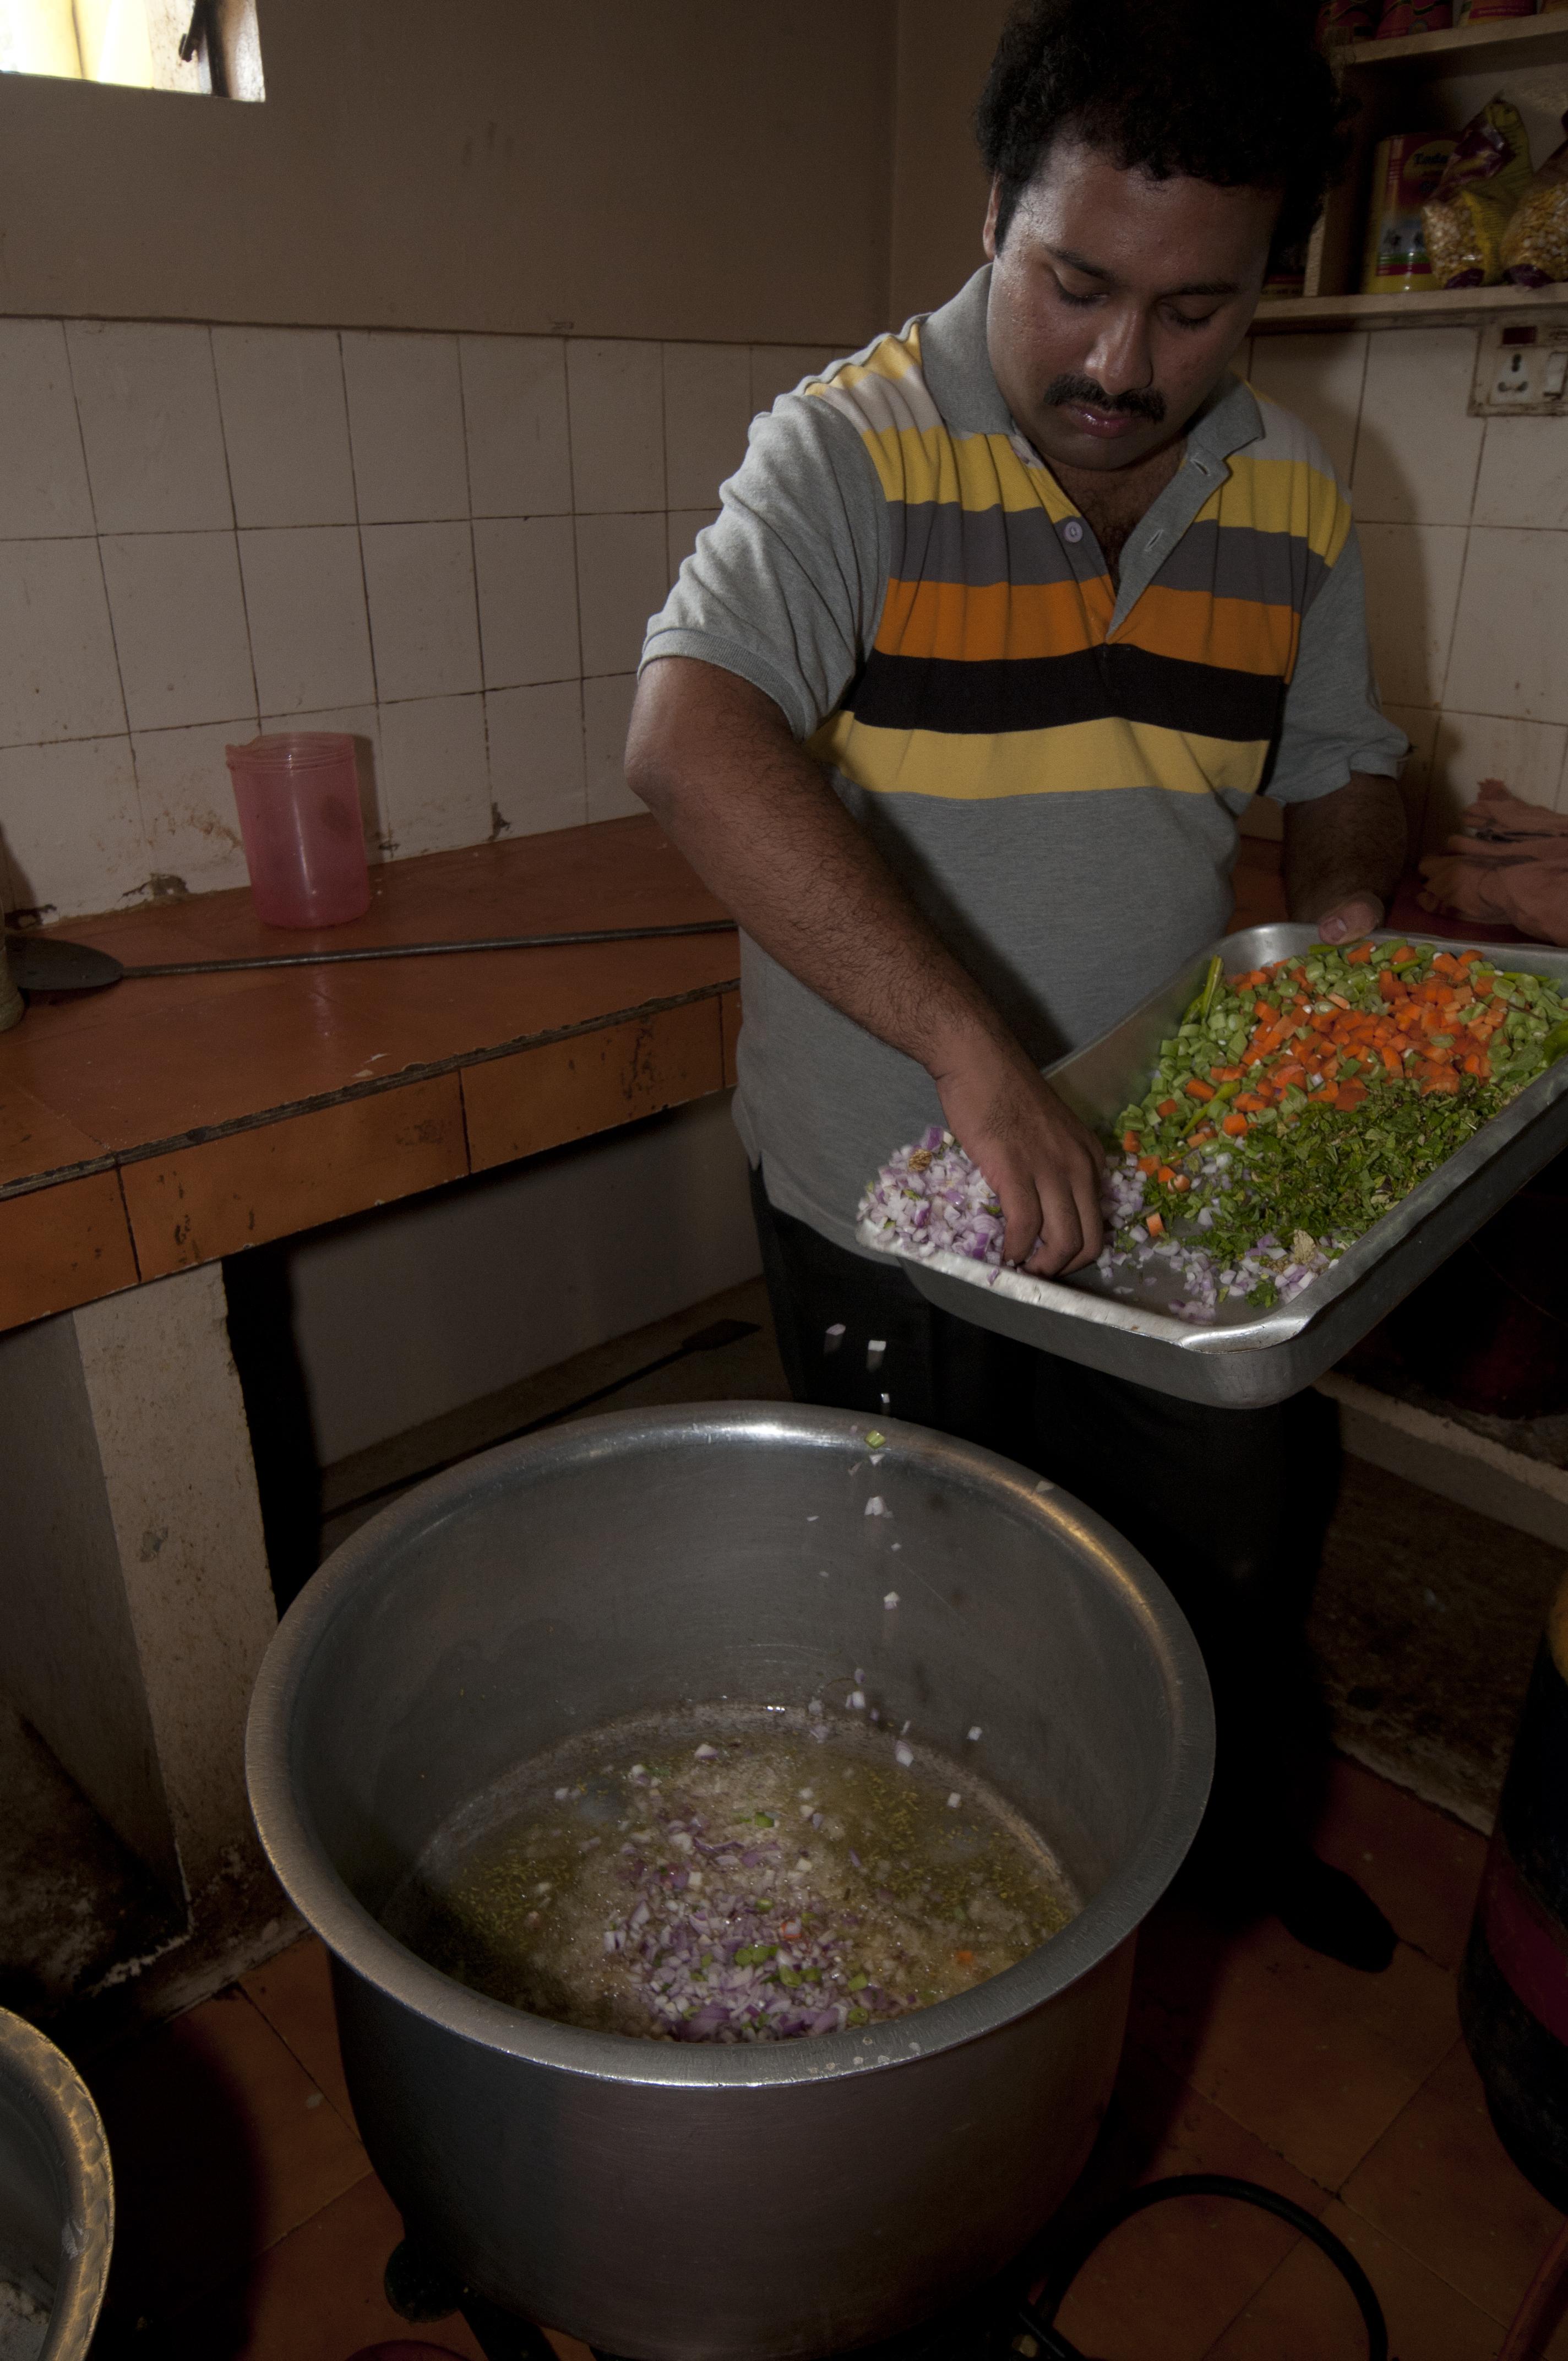 2013-06-11-Cooking.jpg